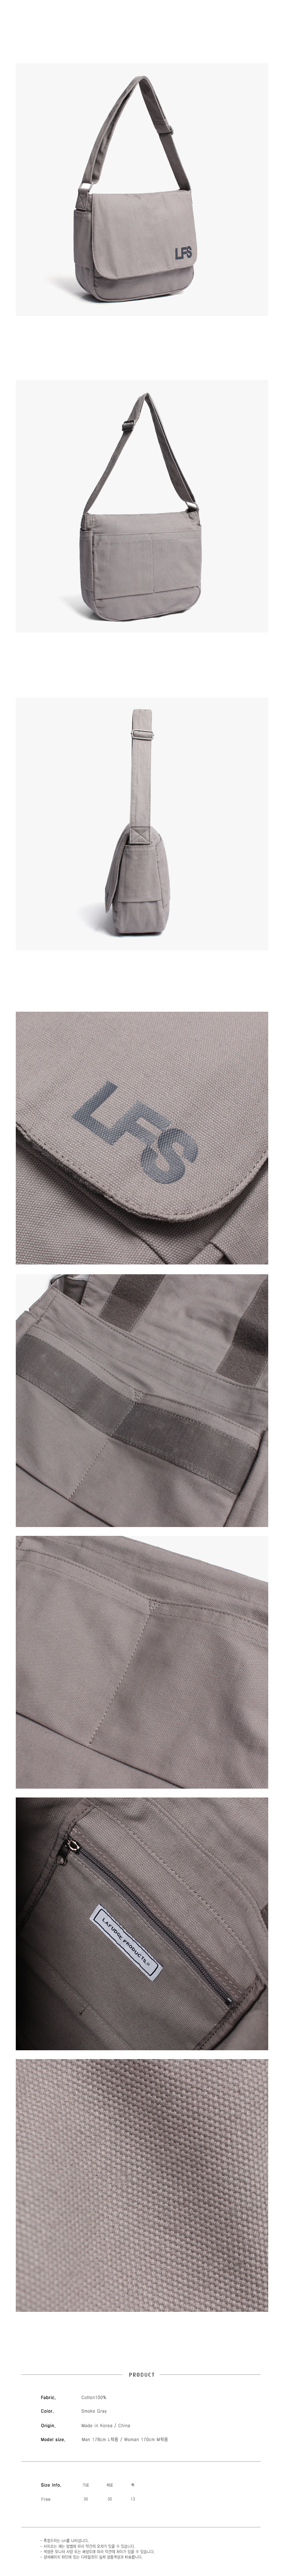 라퍼지스토어(LAFUDGESTORE) (Unisex)캔버스 크로스백_Charcoal